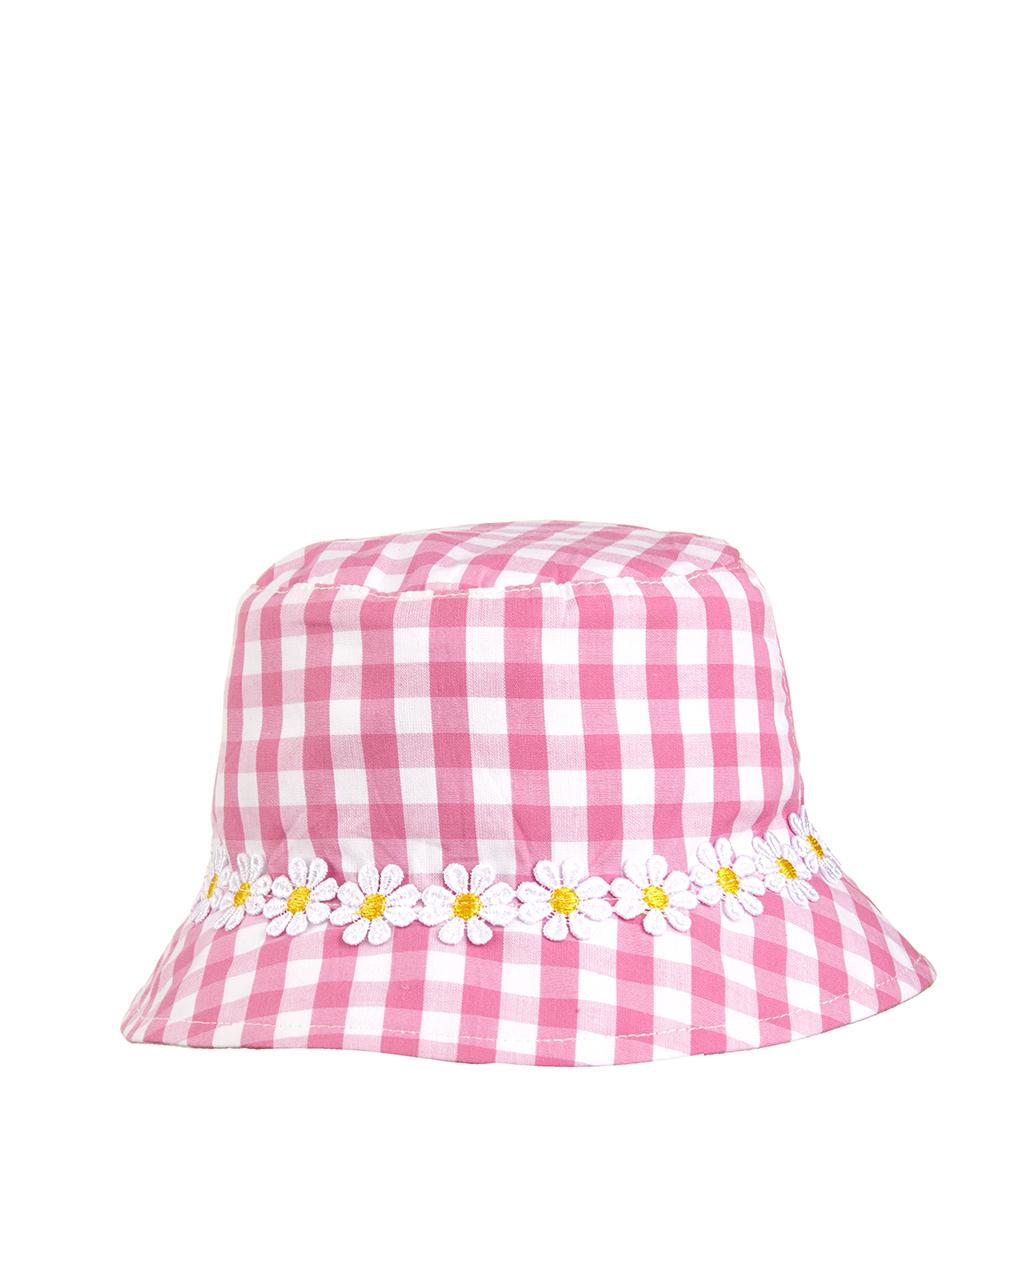 Chapéu estampado vichy com decoração de margaridas - Prénatal